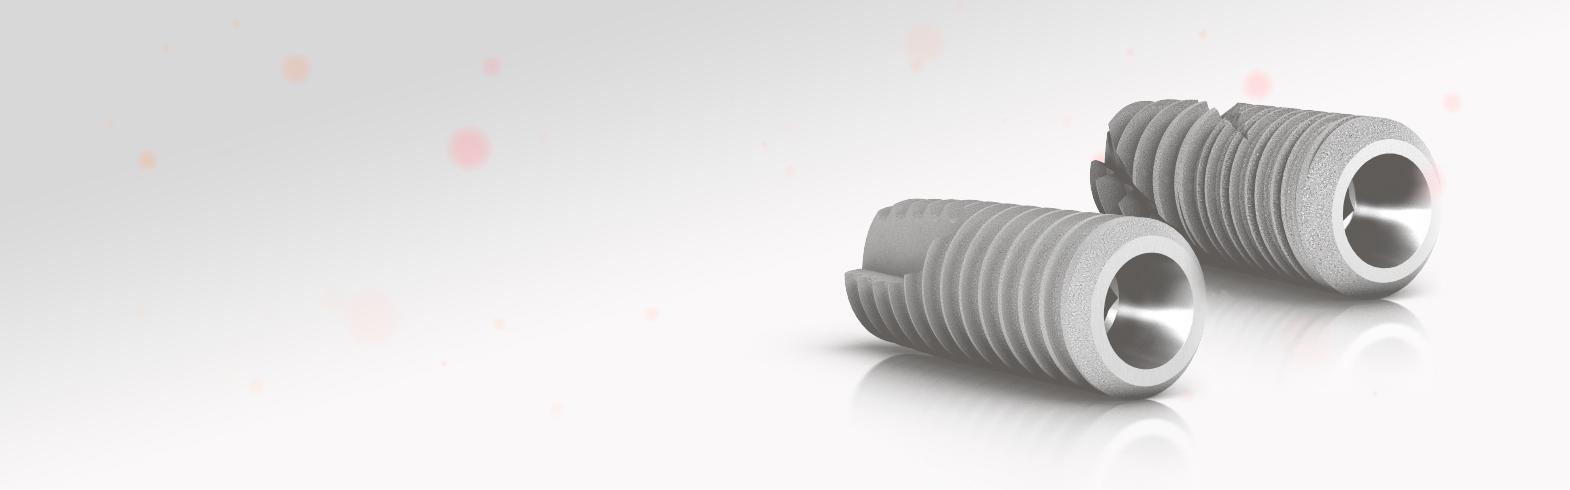 Implantes y Prótesis_Sistema de implantes In-Kone®